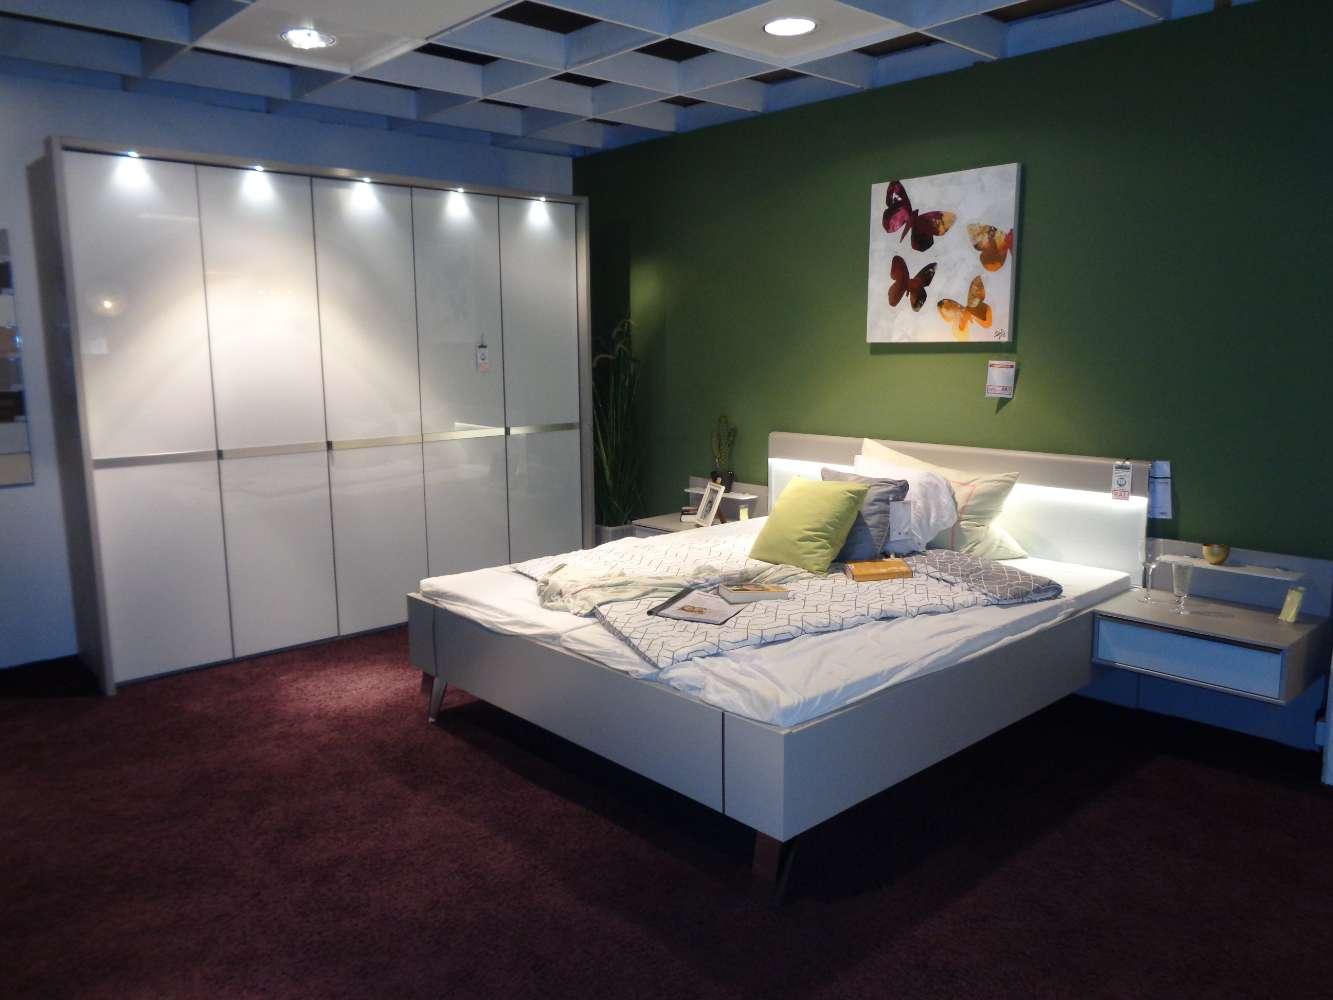 Schlafzimmer inkl. Schrank, Bett und Nachtkonsolen